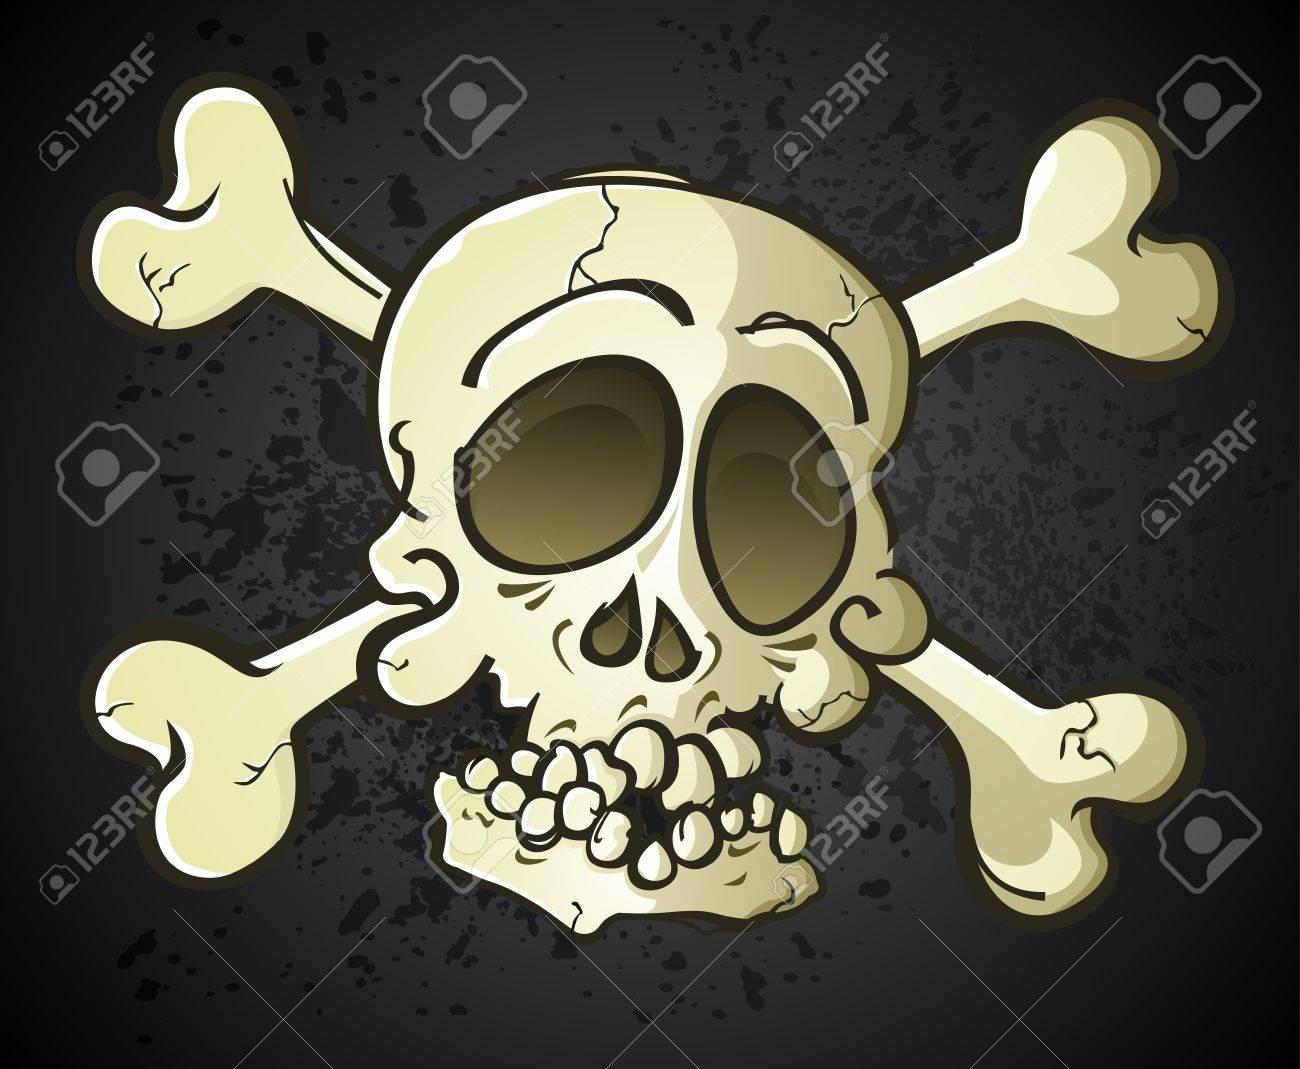 Skull and Crossbones Jolly Roger Cartoon Character Stock Vector - 20992148